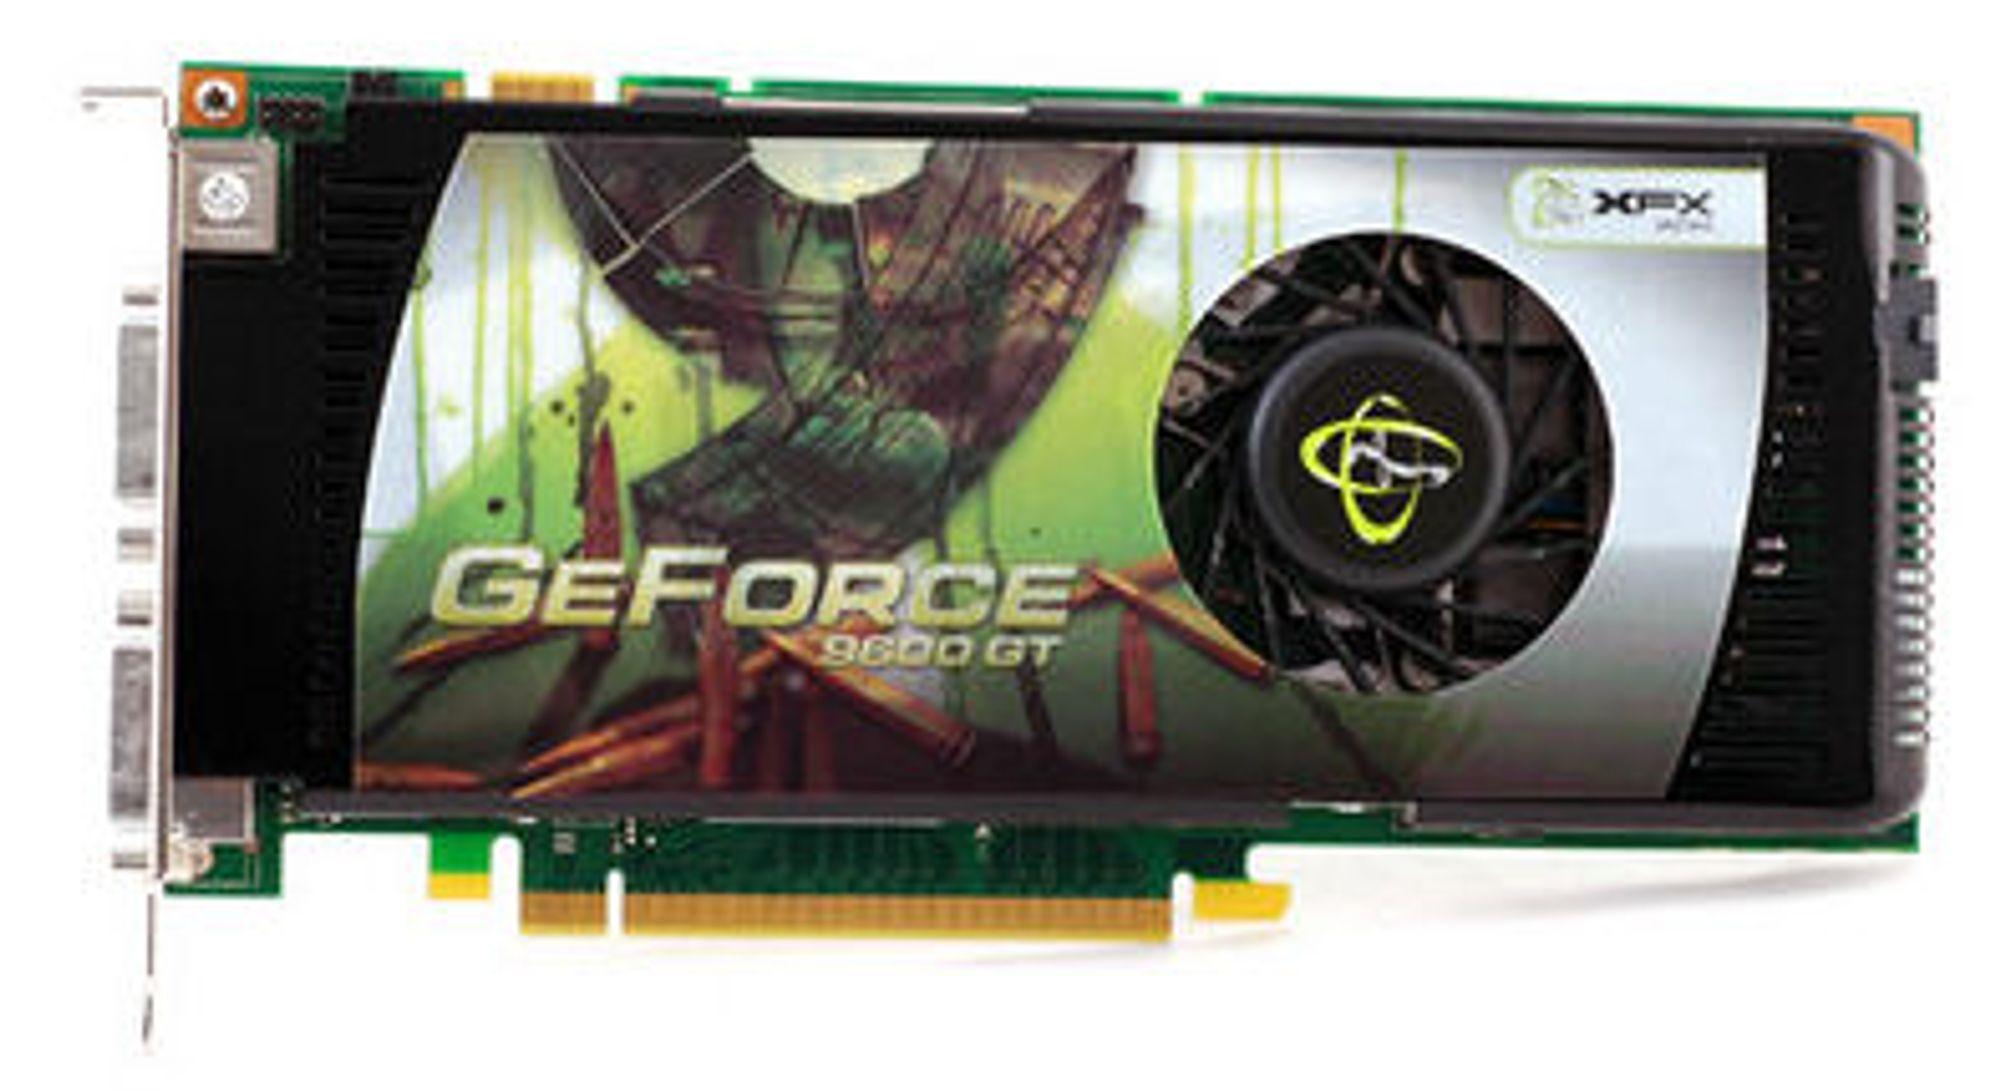 GeForce 9600 GT får snart en lillebror